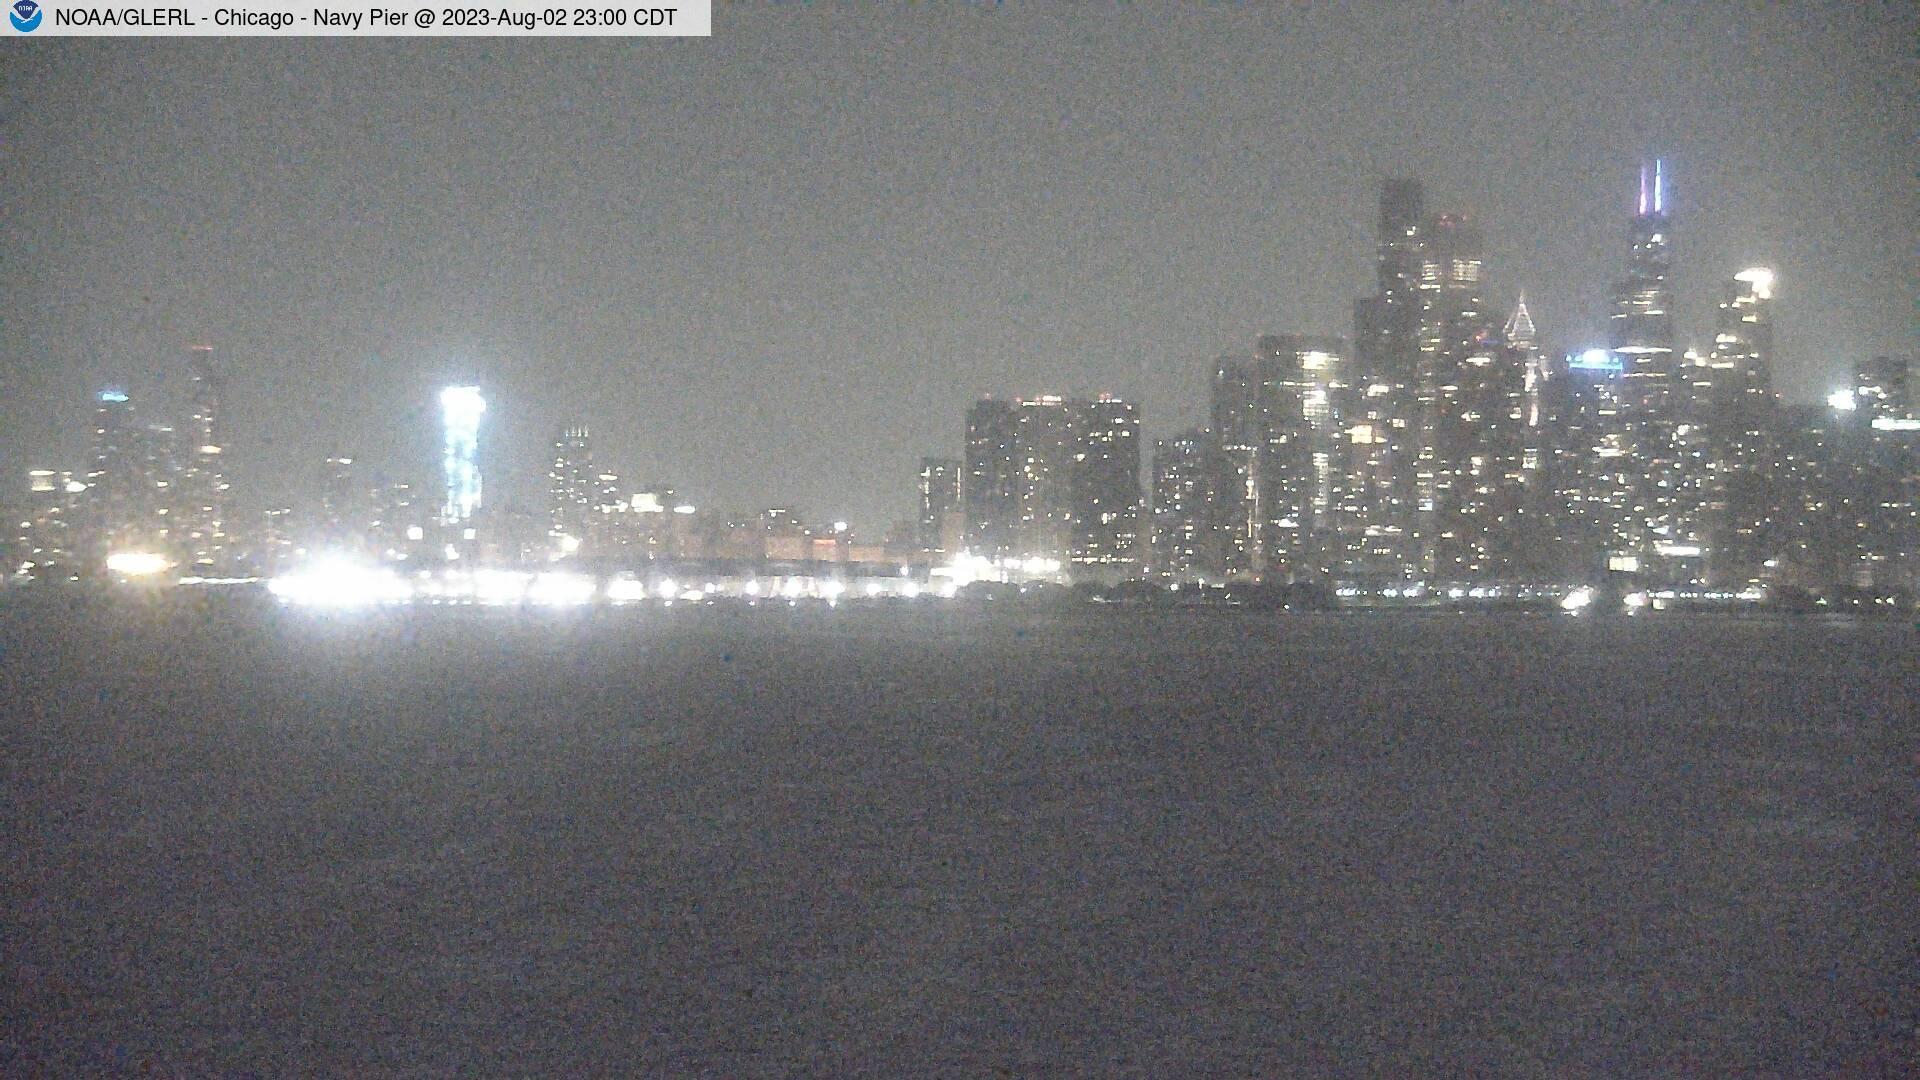 Webkamera Chicago: Skyline